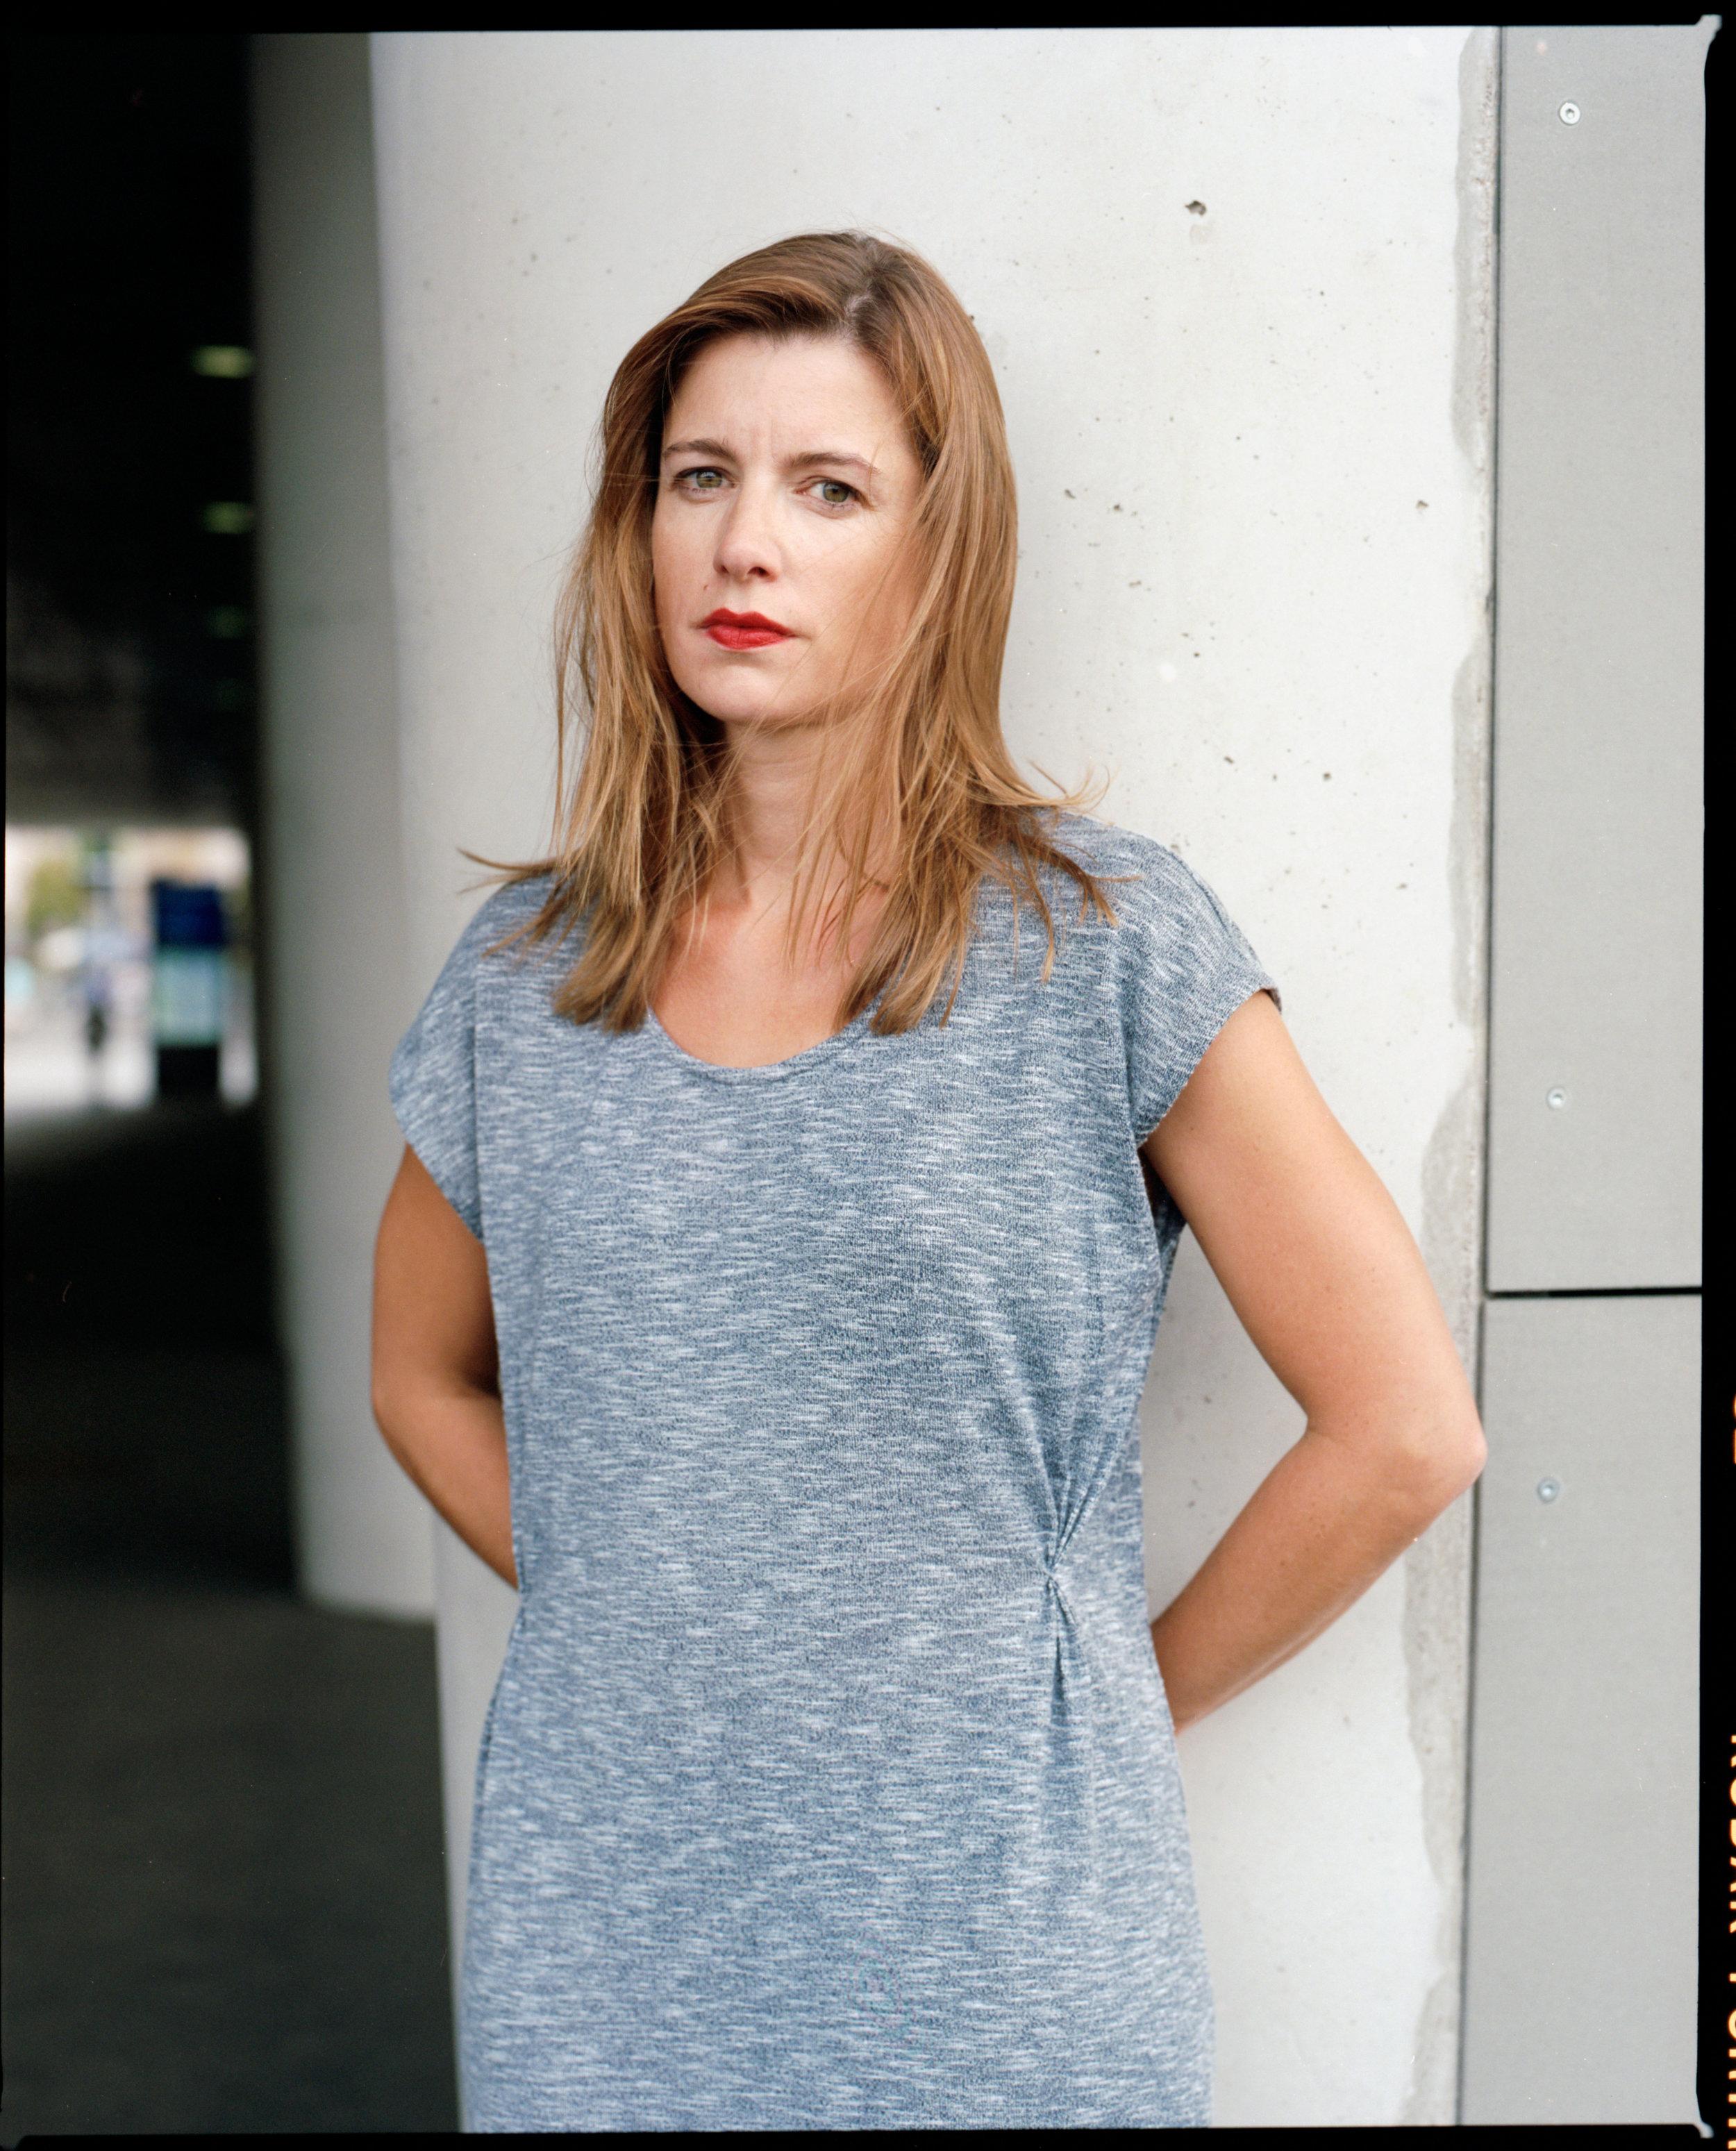 2016-09-04-Suse-Lichtenberger-(6).jpg